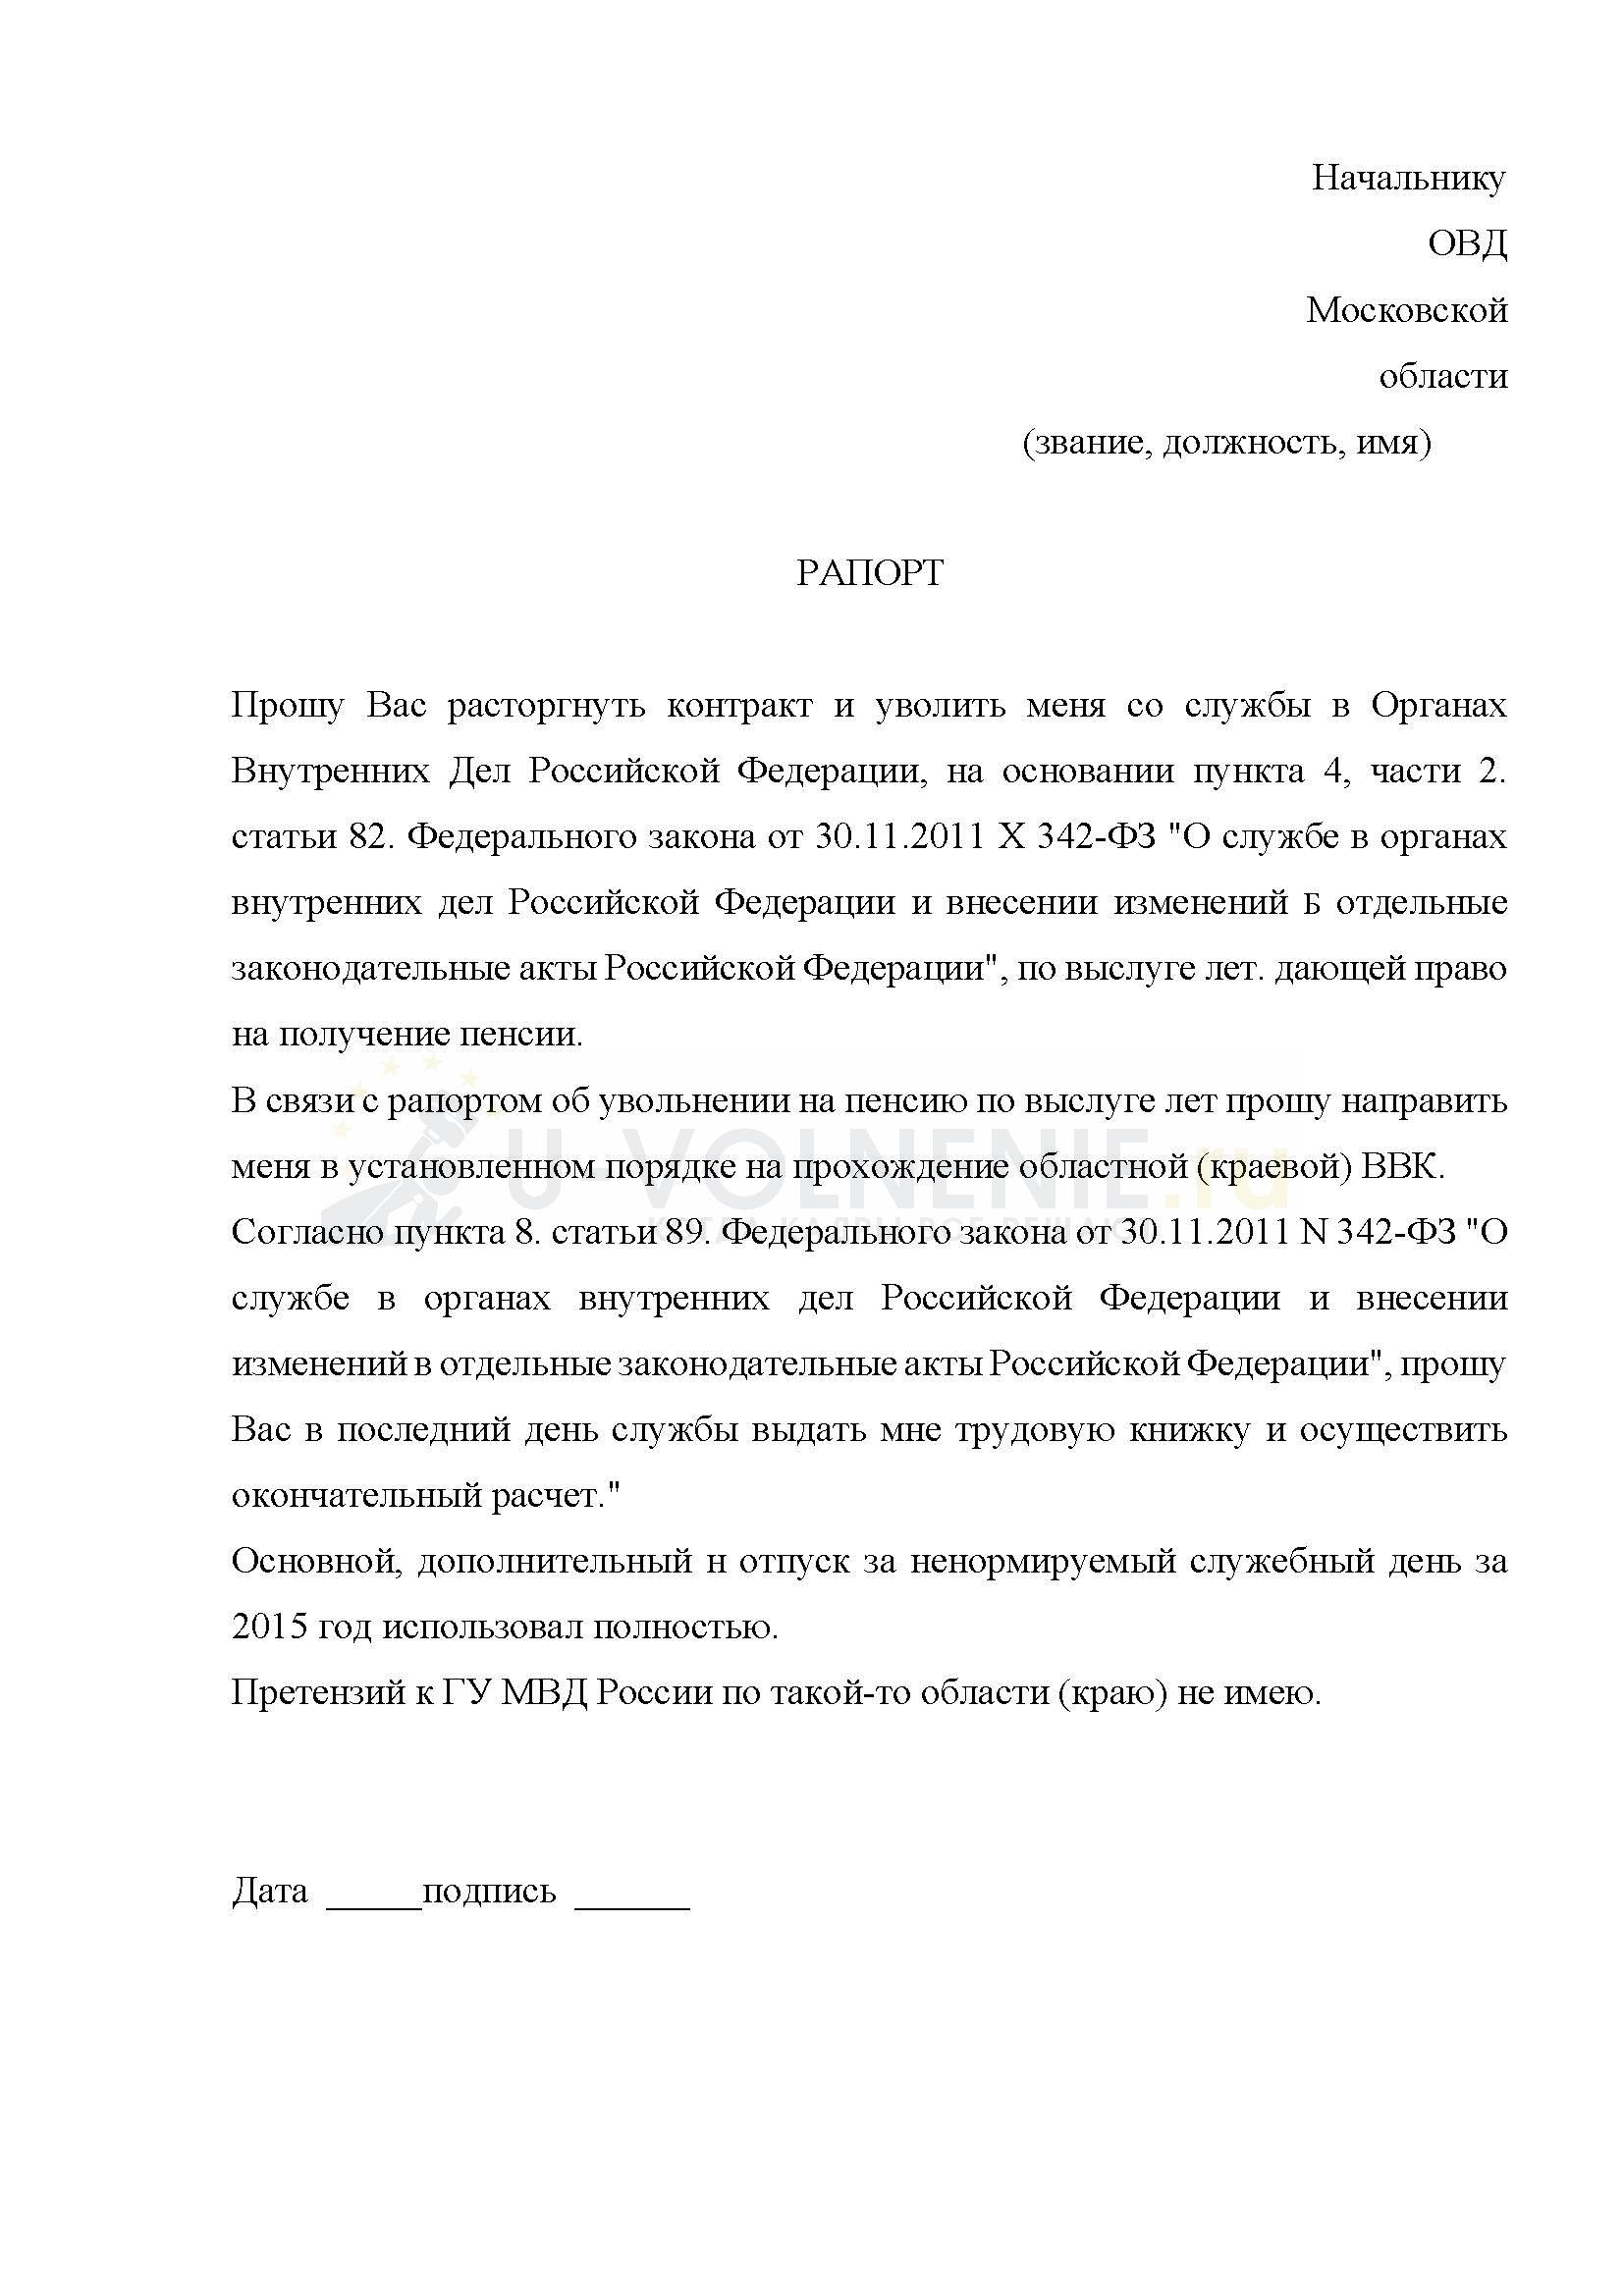 Образец рапорта на увольнение из МВД по выслуге лет